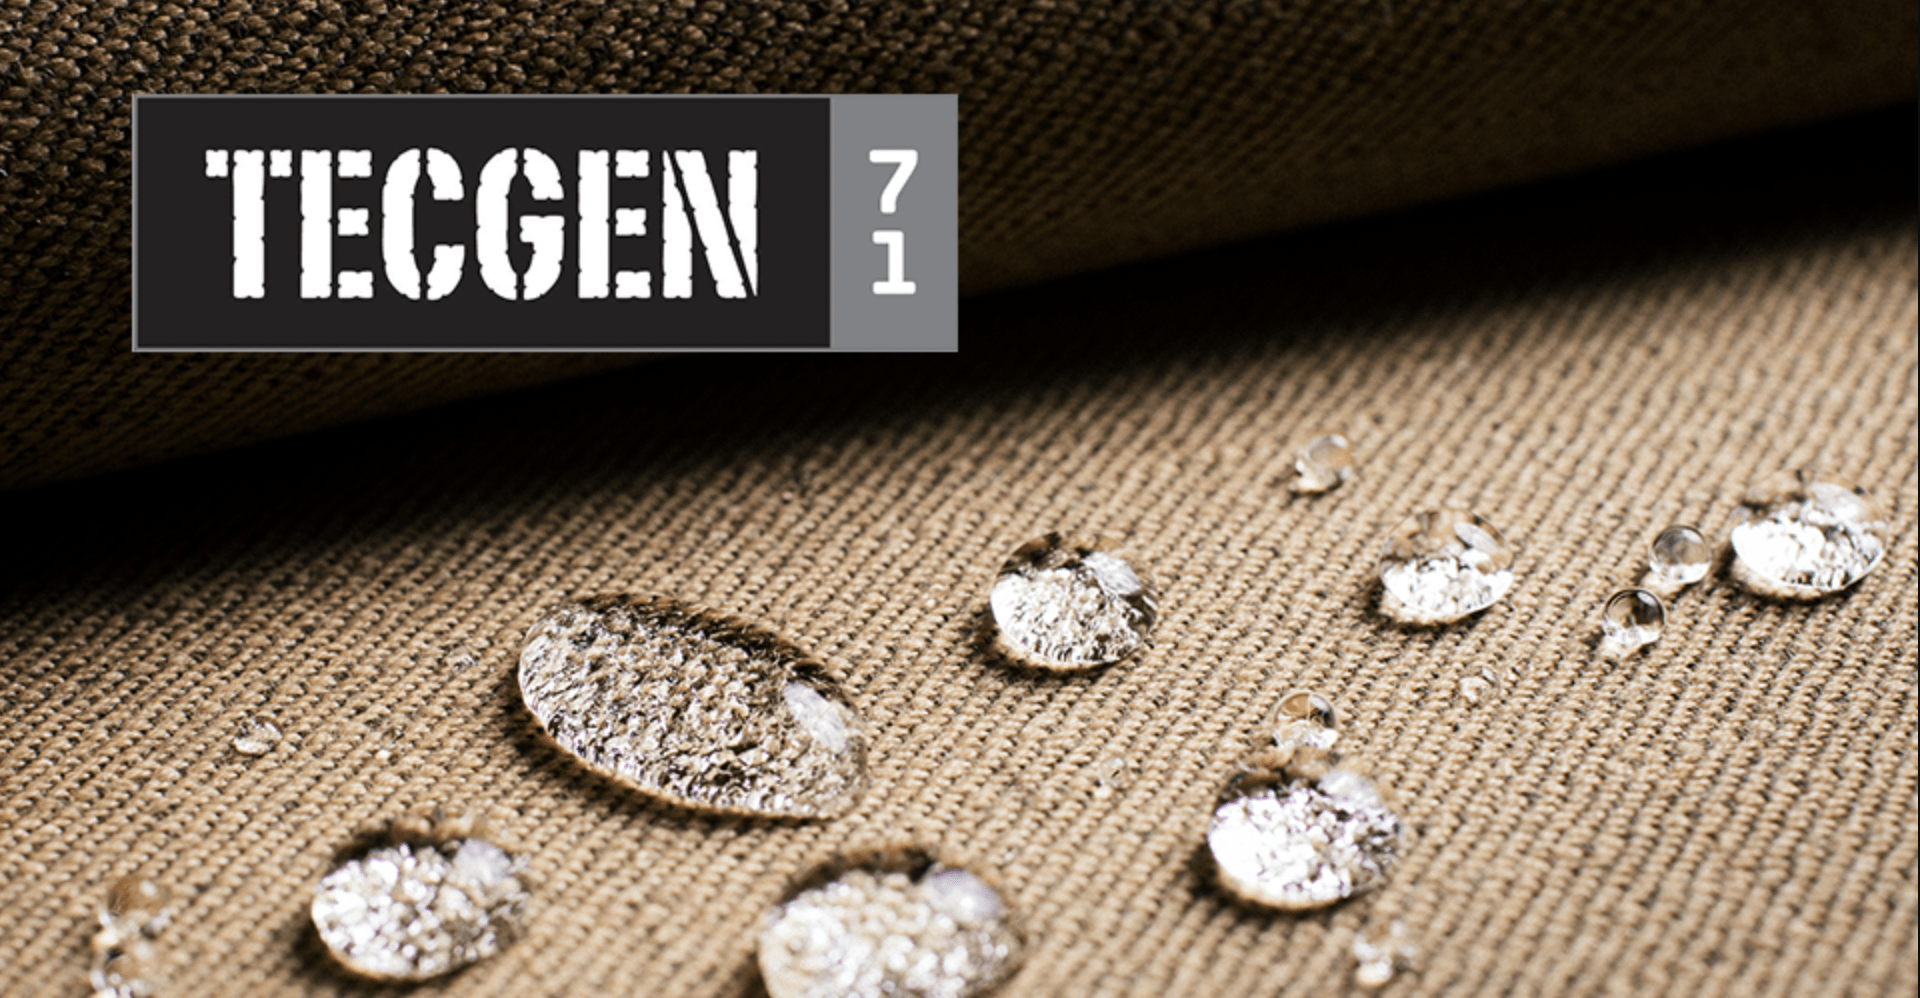 Tecgen71+